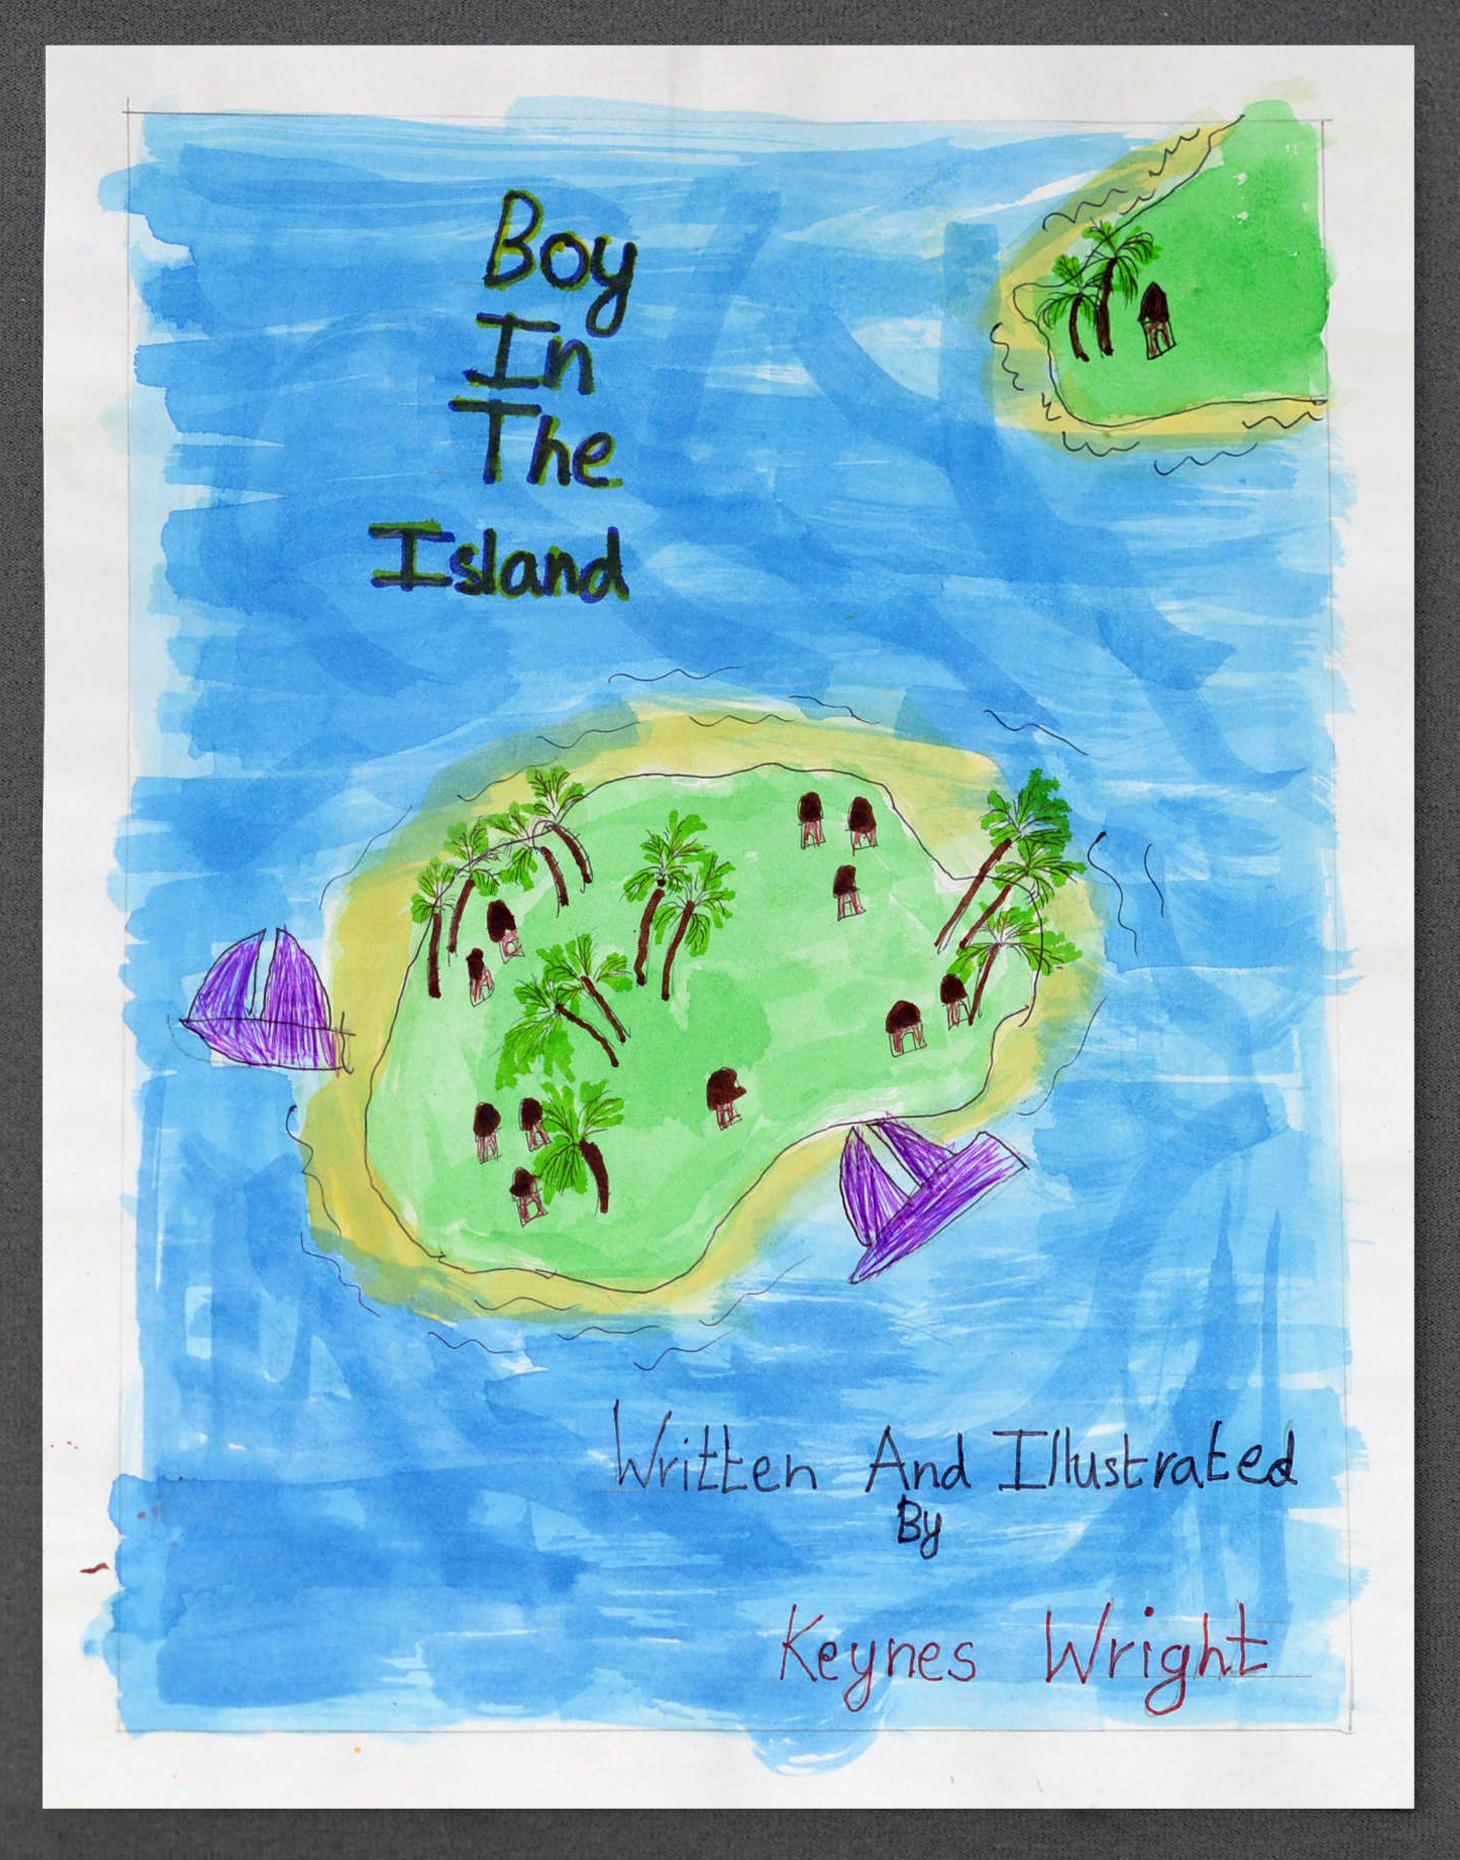 Boy in the Island